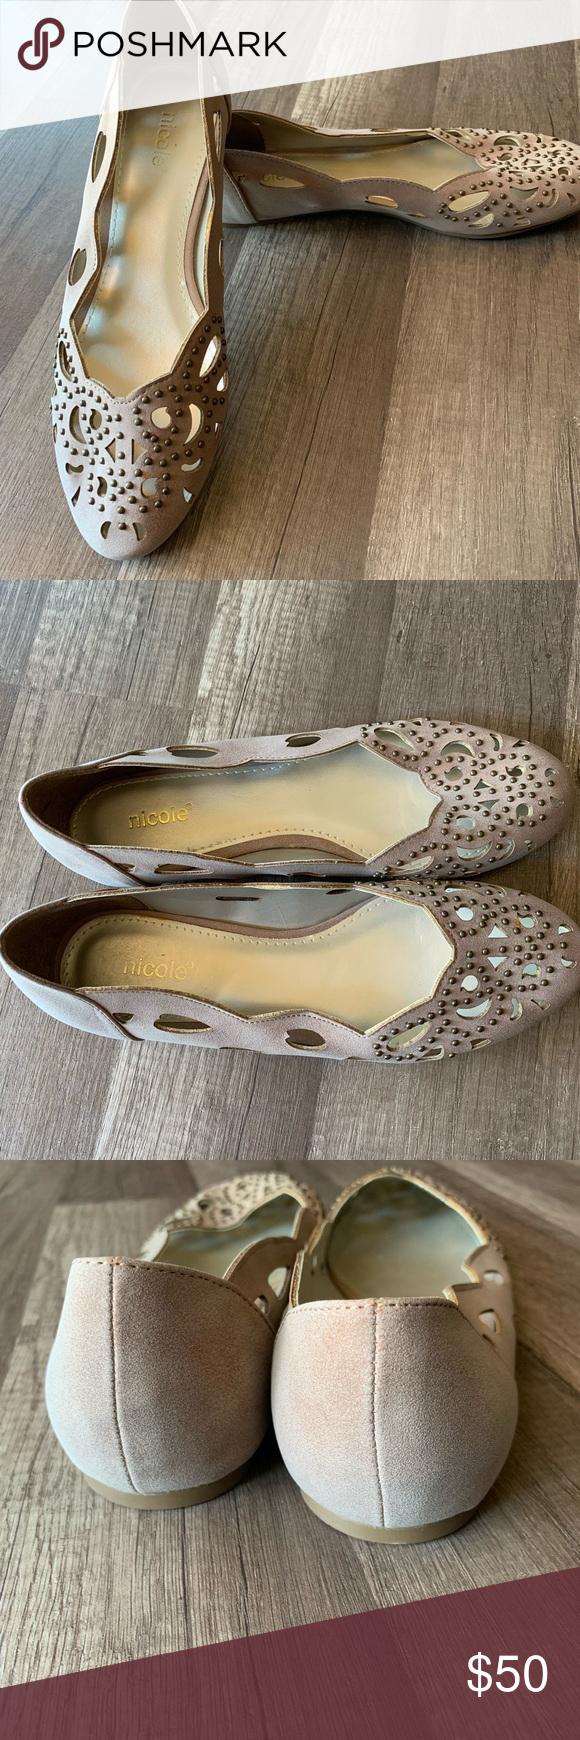 Nicole Flats | Flat shoes women, Flats